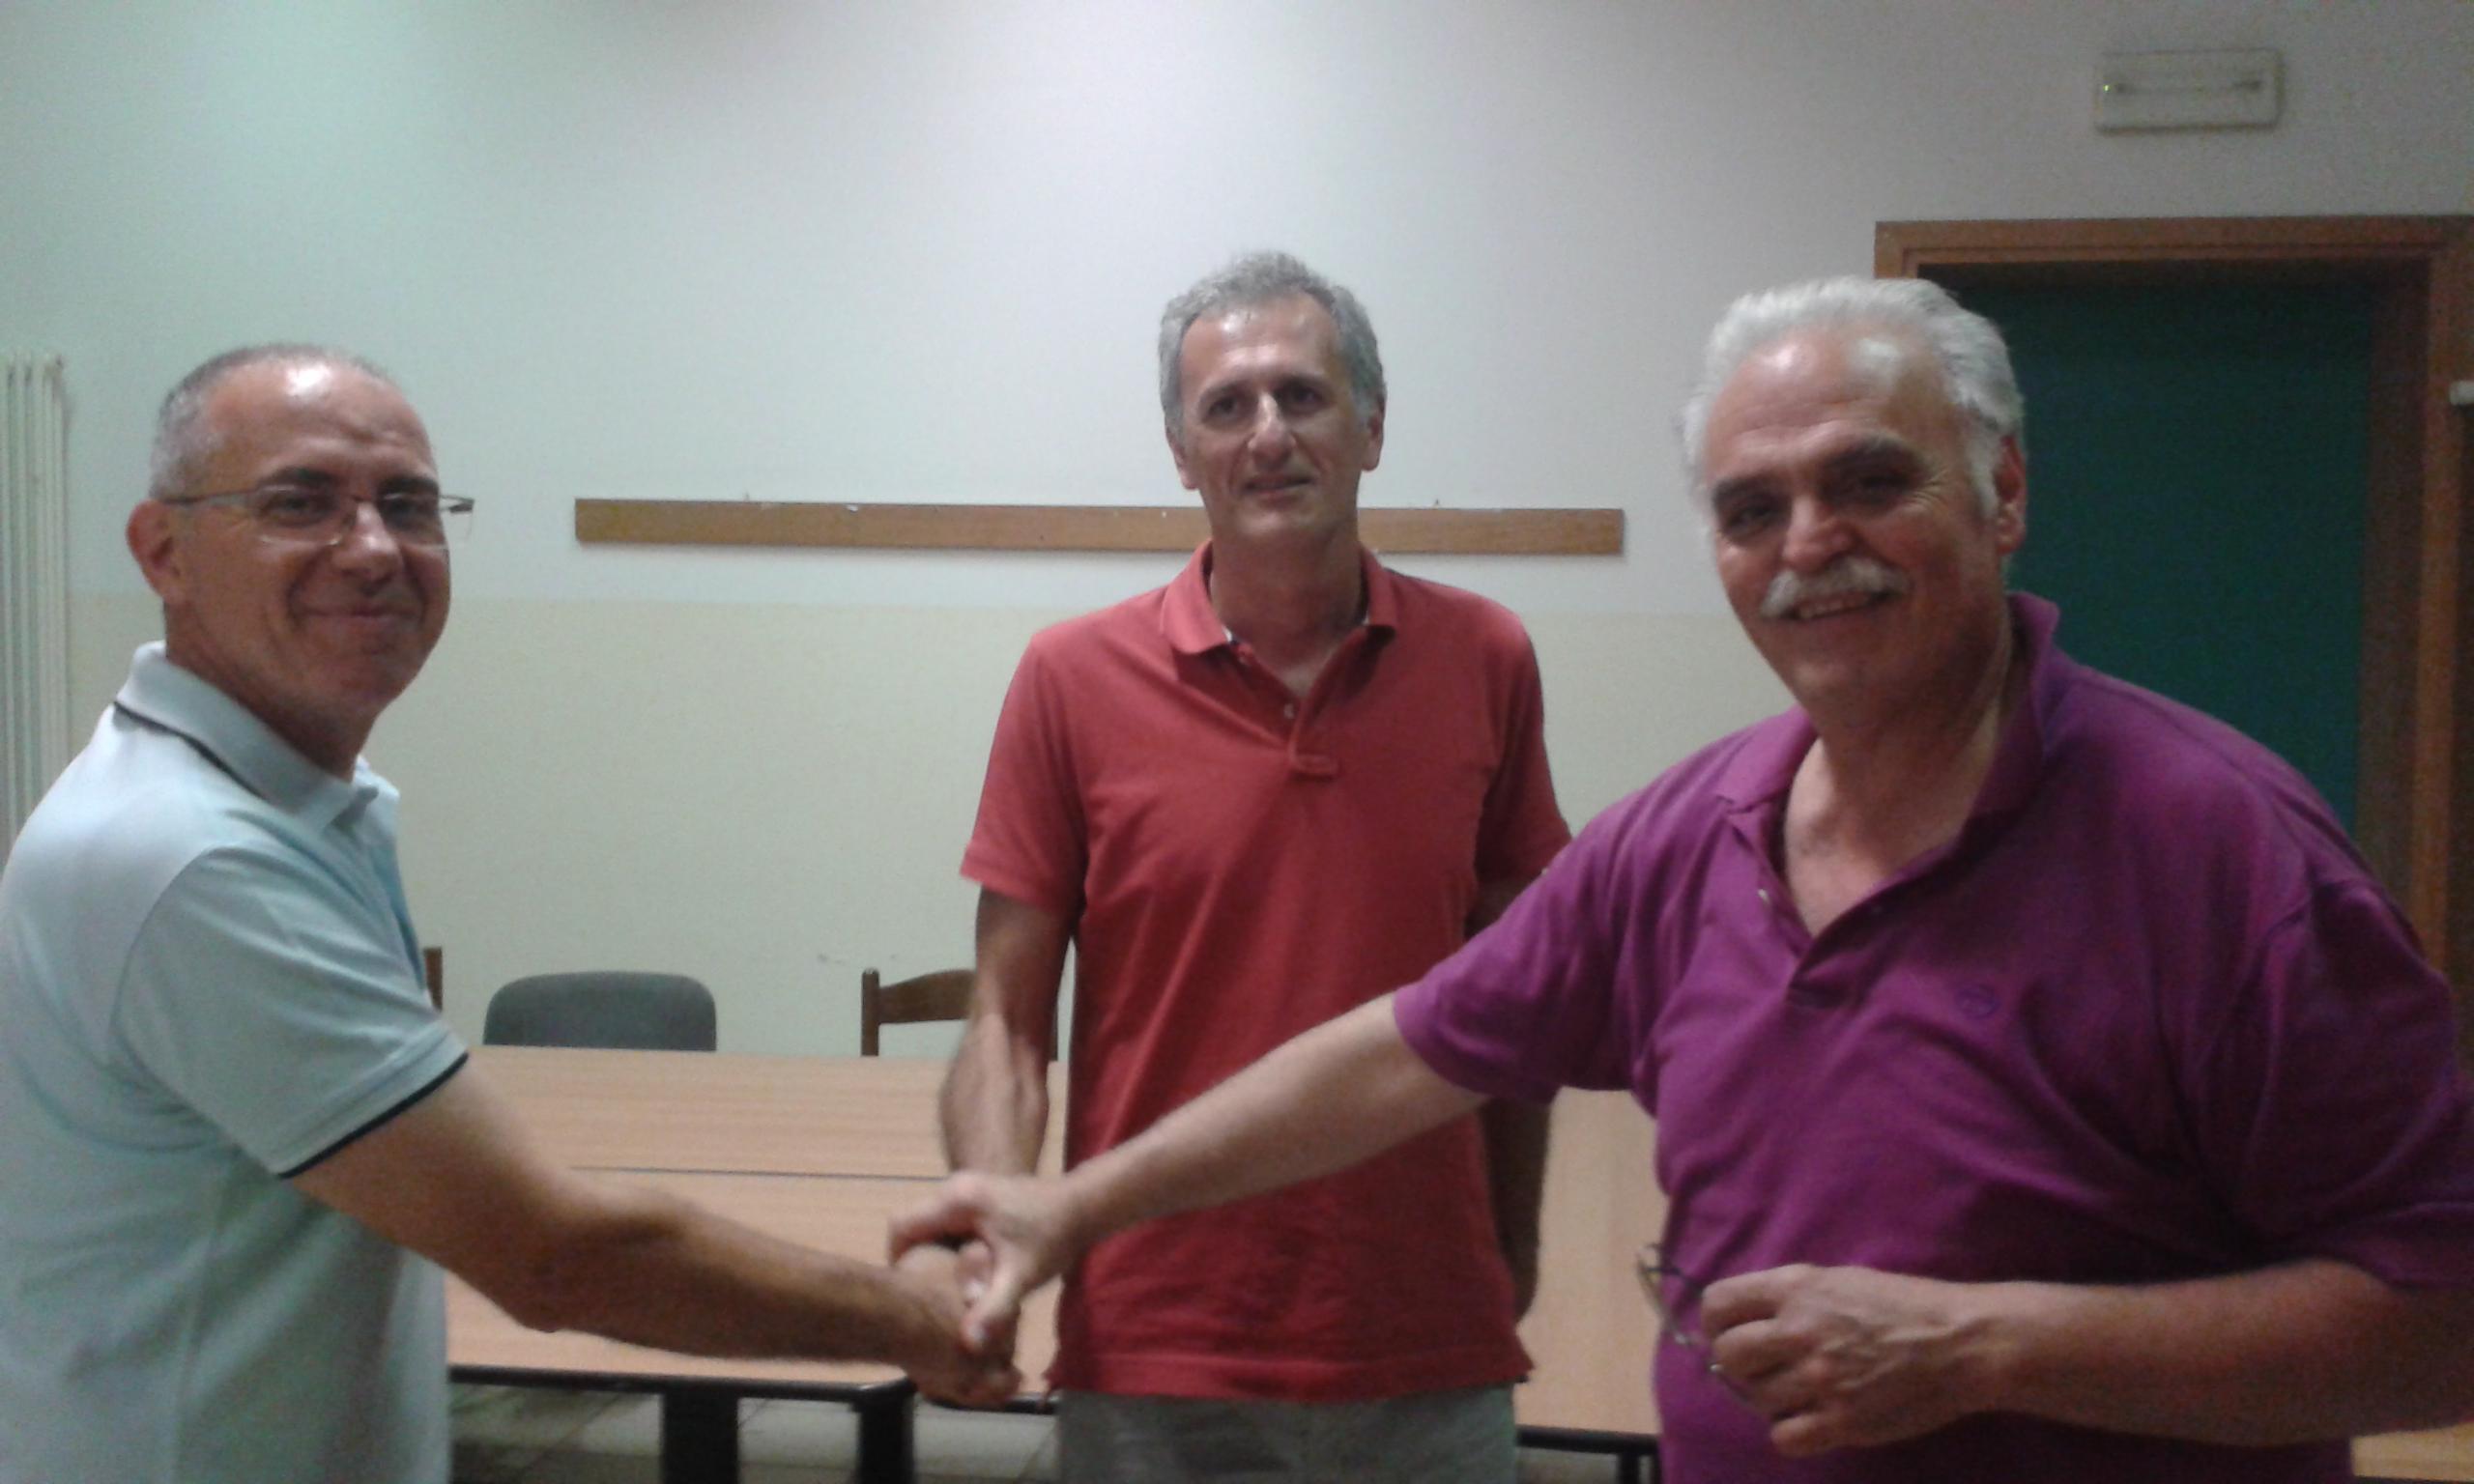 Nella foto: coach Bagatella e il suo assistente Comisso con il presidente Giacomo Trimarchi